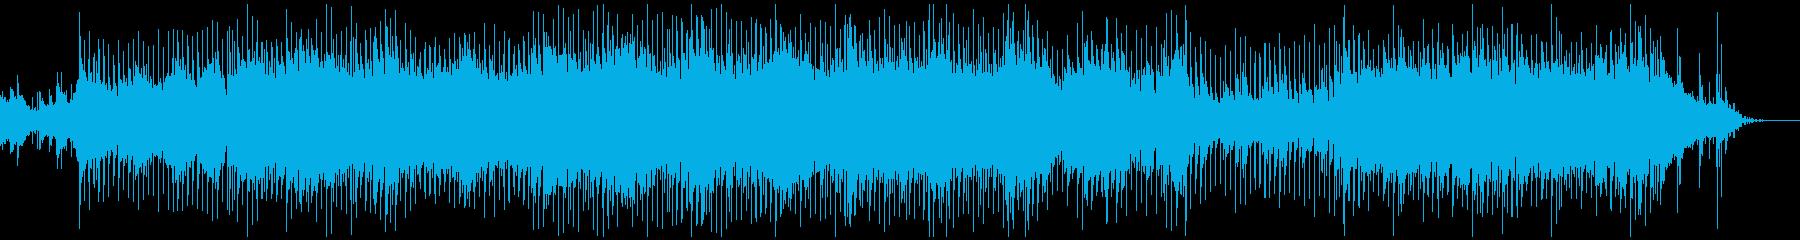 企業VP・爽やかでかっこいい曲の再生済みの波形